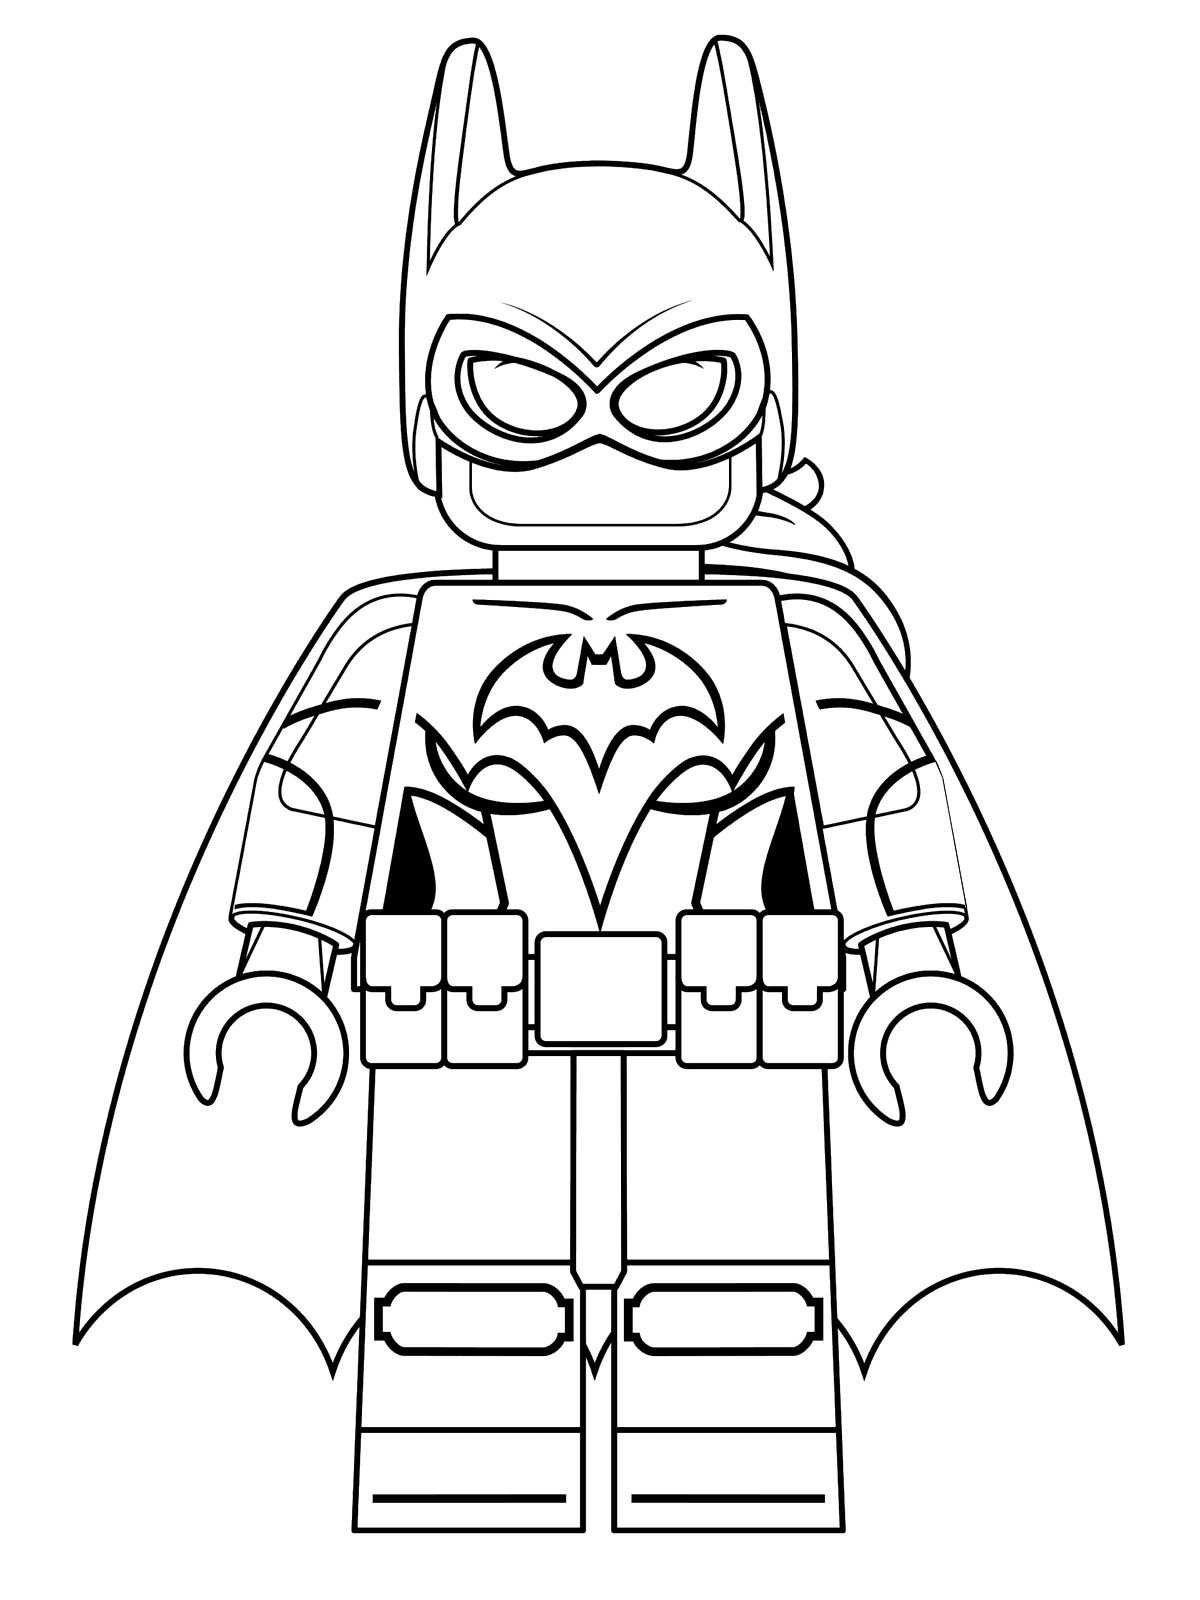 Disegna E Colora Lusso Disegno 2 Di Lego Batman Da Colorare Of Disegna E Colora Disegna E C Nel 2020 Disegni Da Colorare Lego Disegni Da Colorare Compleanno Batman Lego